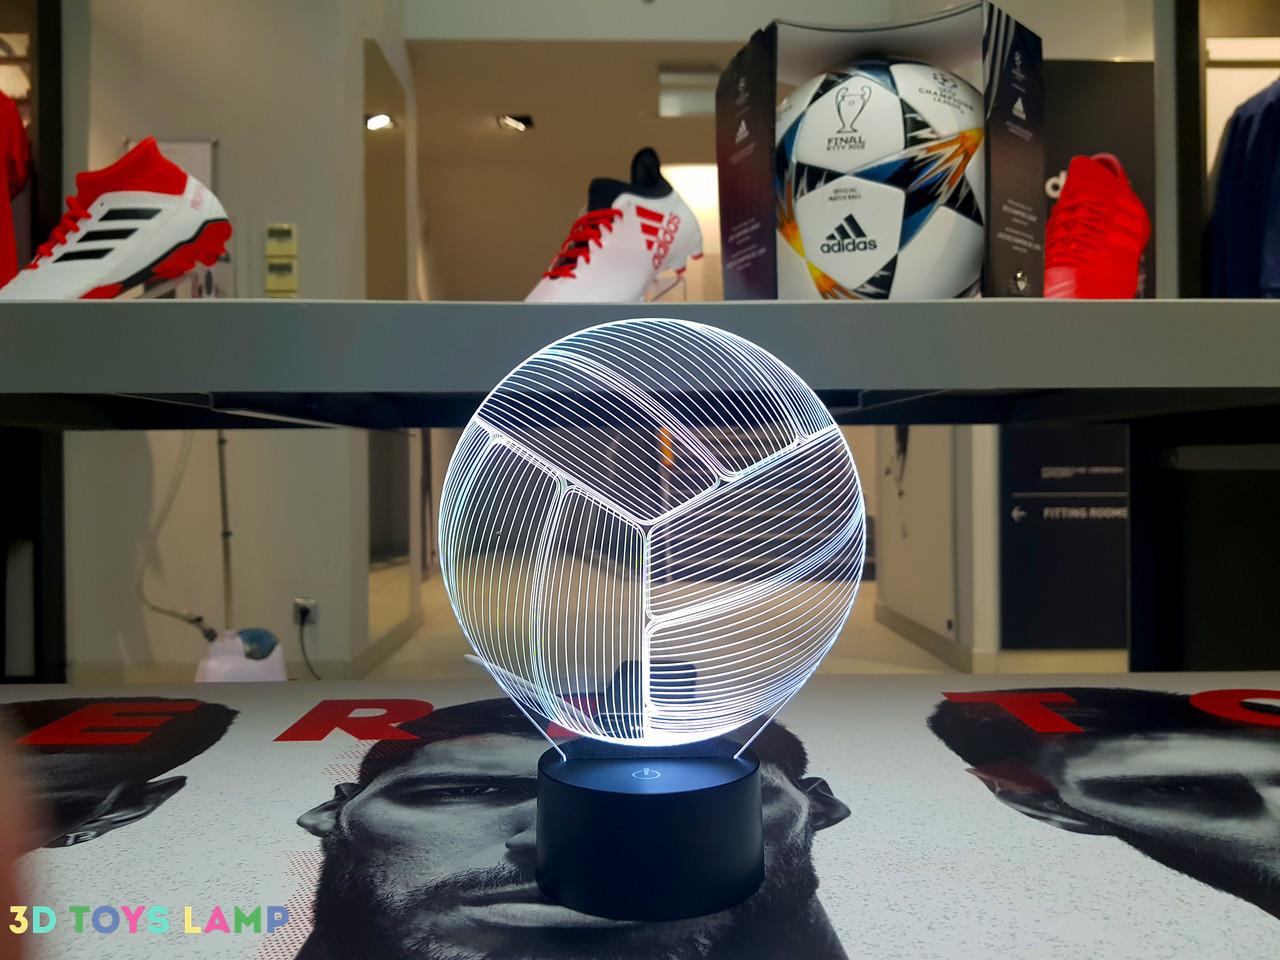 """Сменная пластина для 3D светильников """"Волейбольный мяч"""" 3DTOYSLAMP, фото 1"""